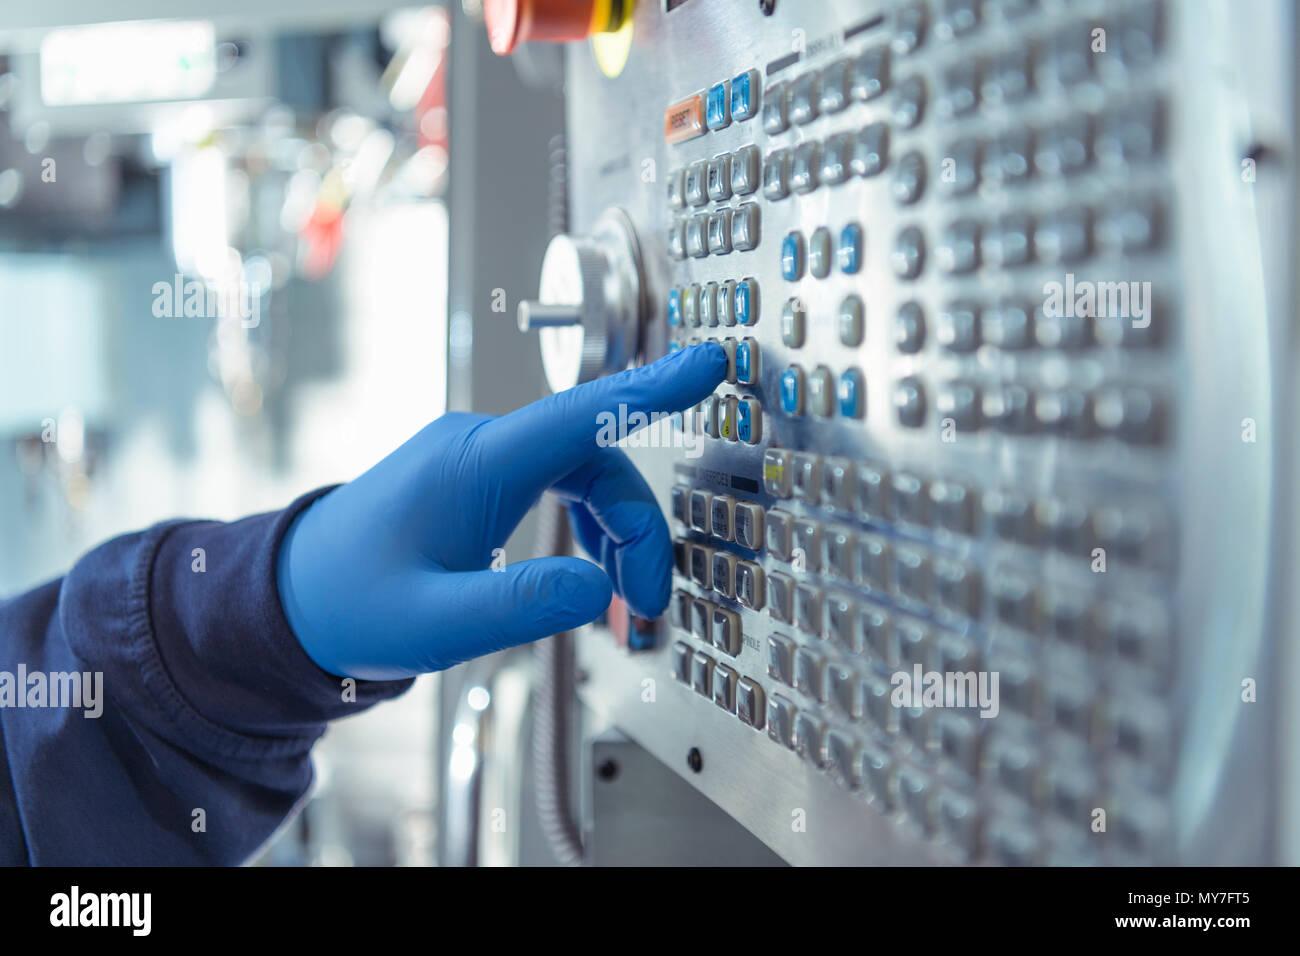 Cerca del ingeniero pulsando el botón en el panel de control en la fábrica de ingeniería Imagen De Stock